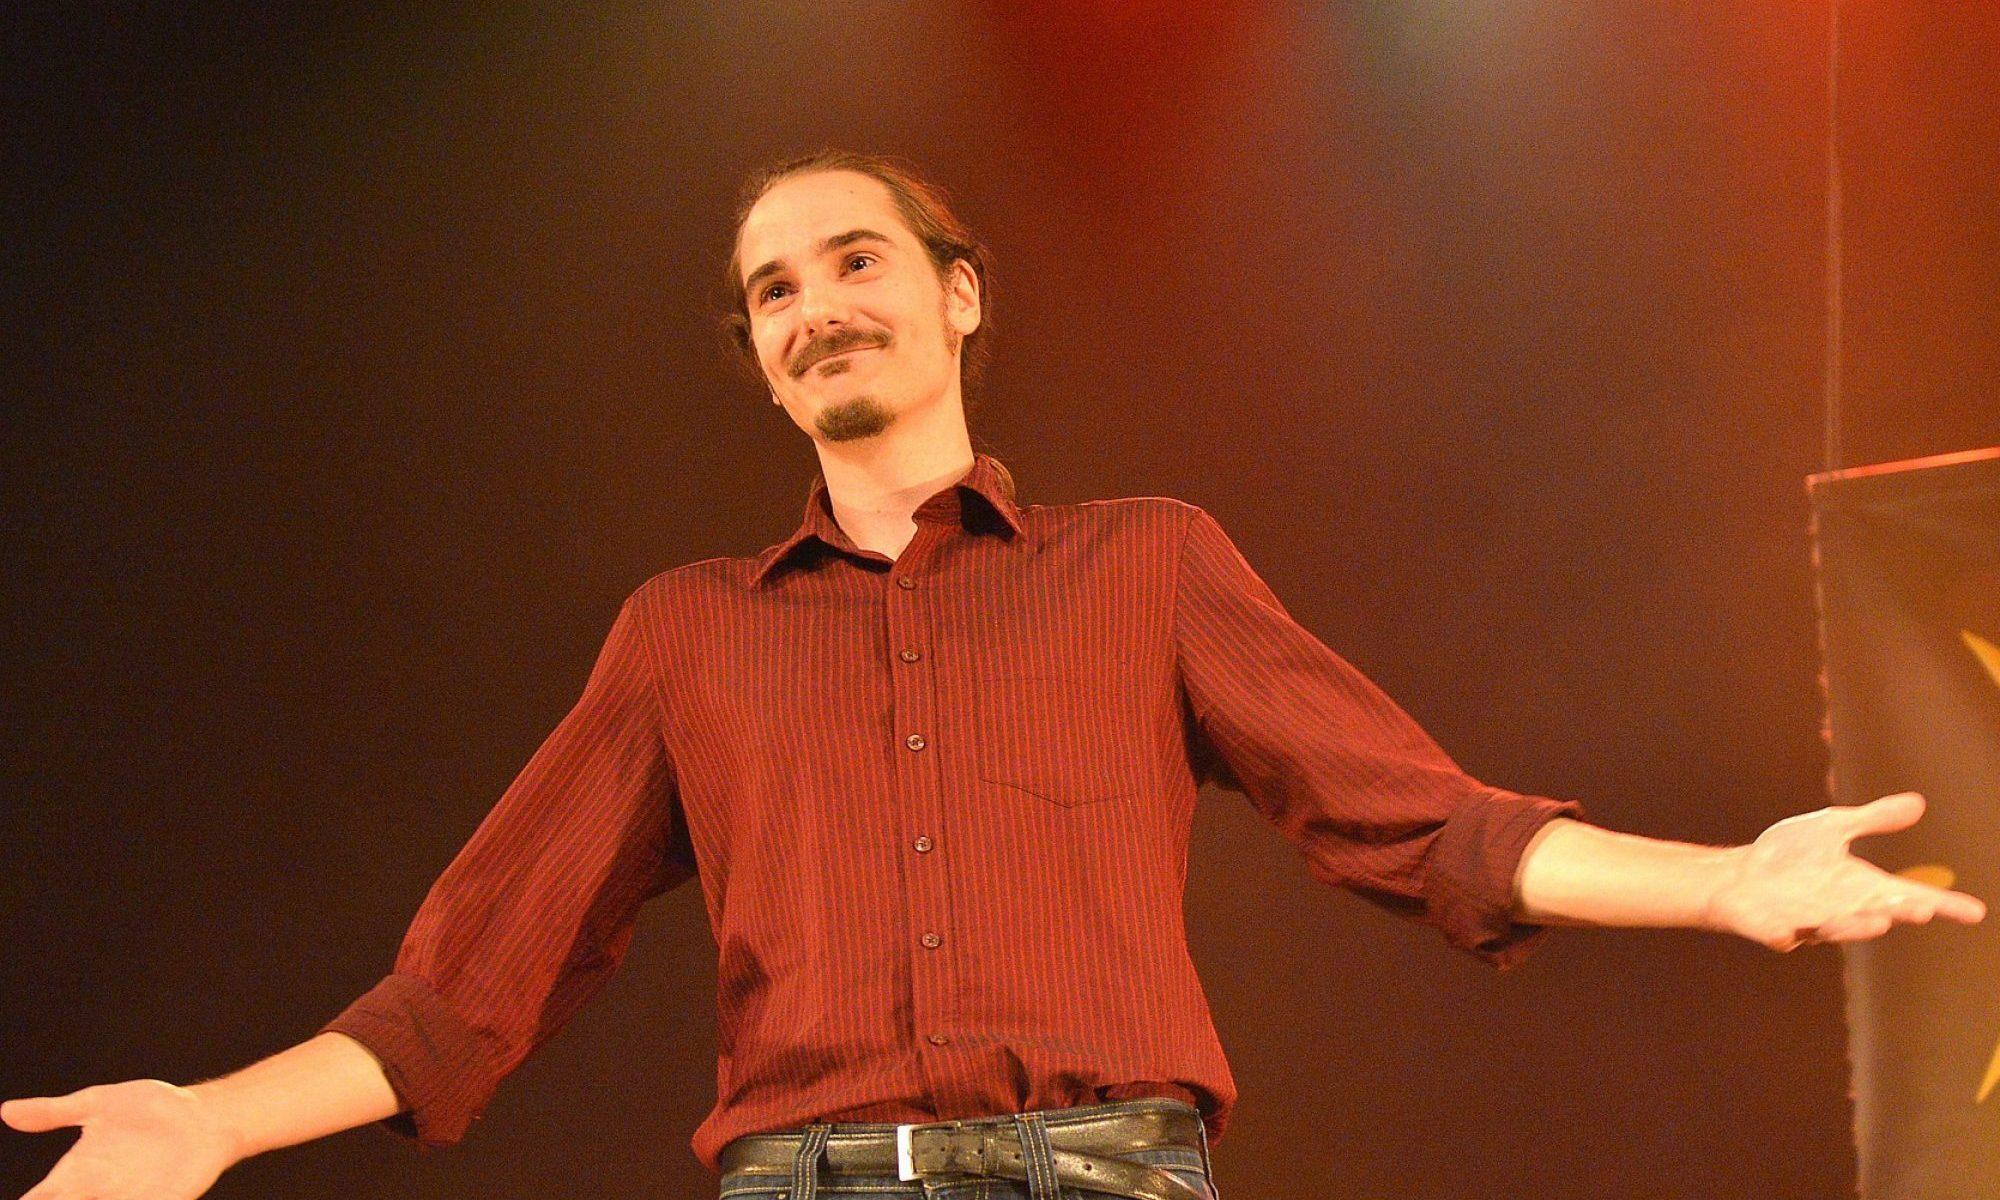 Jean-Sébastien Masset